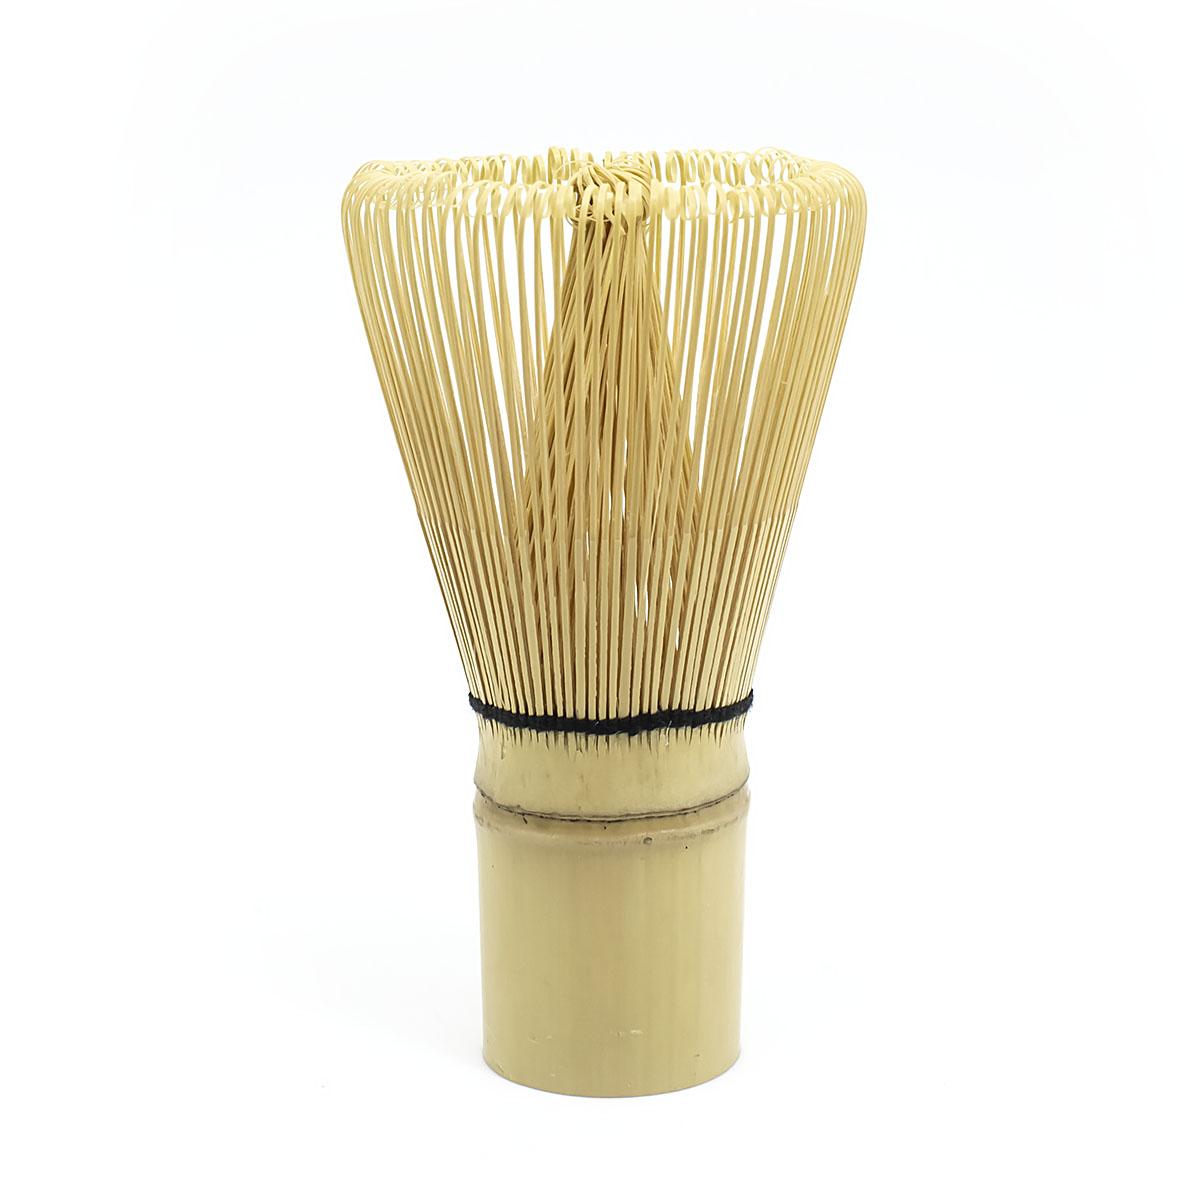 Бамбуковый венчик для матча Часен, 86 ворсинок чоп raho белый бамбук часенов матча венчиком